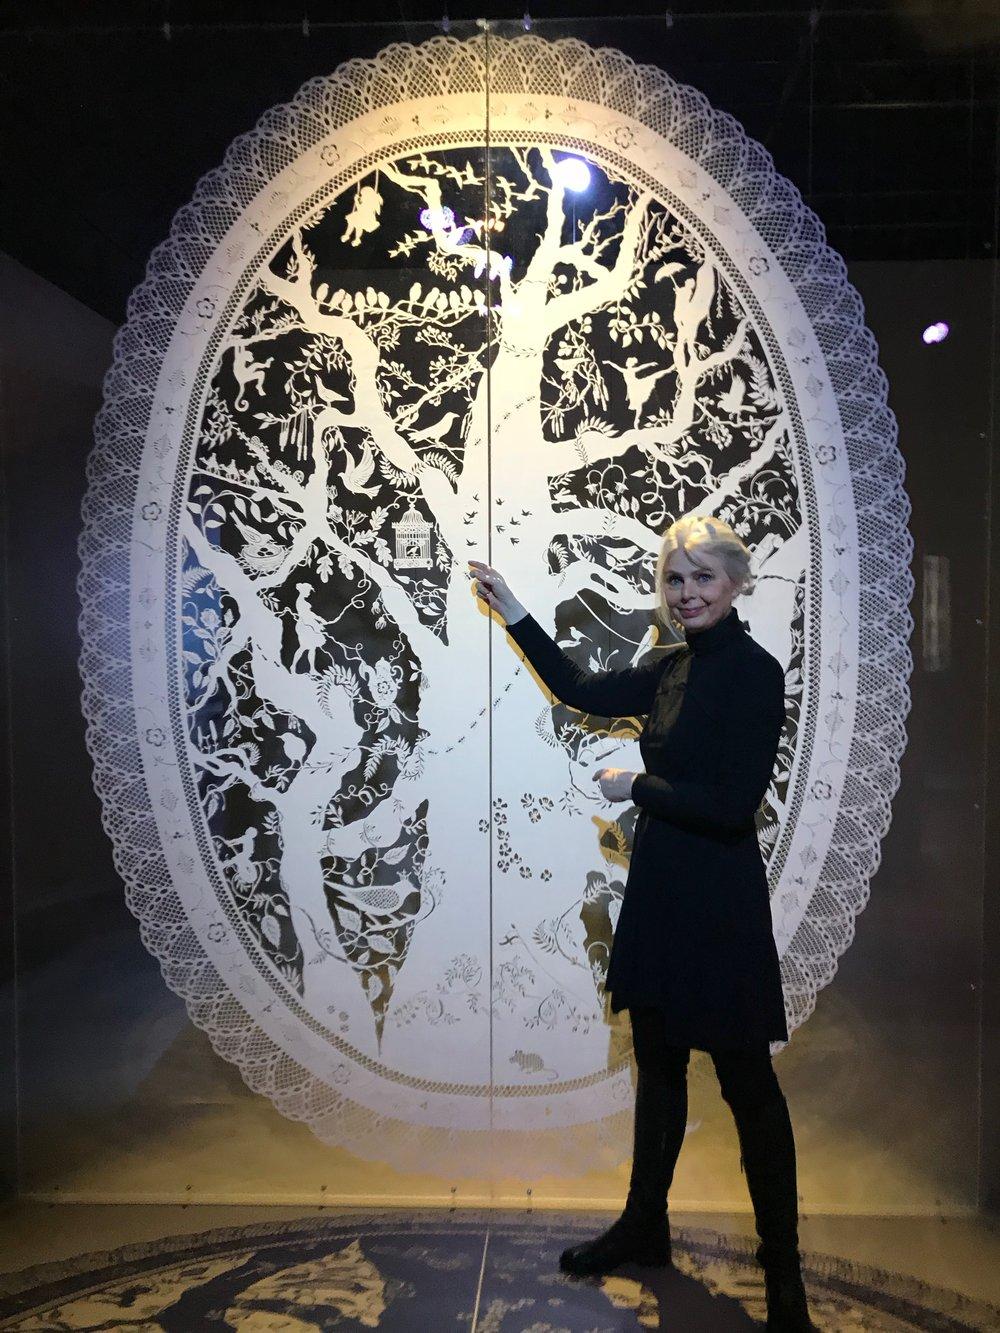 Legg turen til Center for papirkunst i Blokhus i Danmark, hvor Karen Bit Vejle har en utrolig utstilling. Foto: Odd Roar Lange